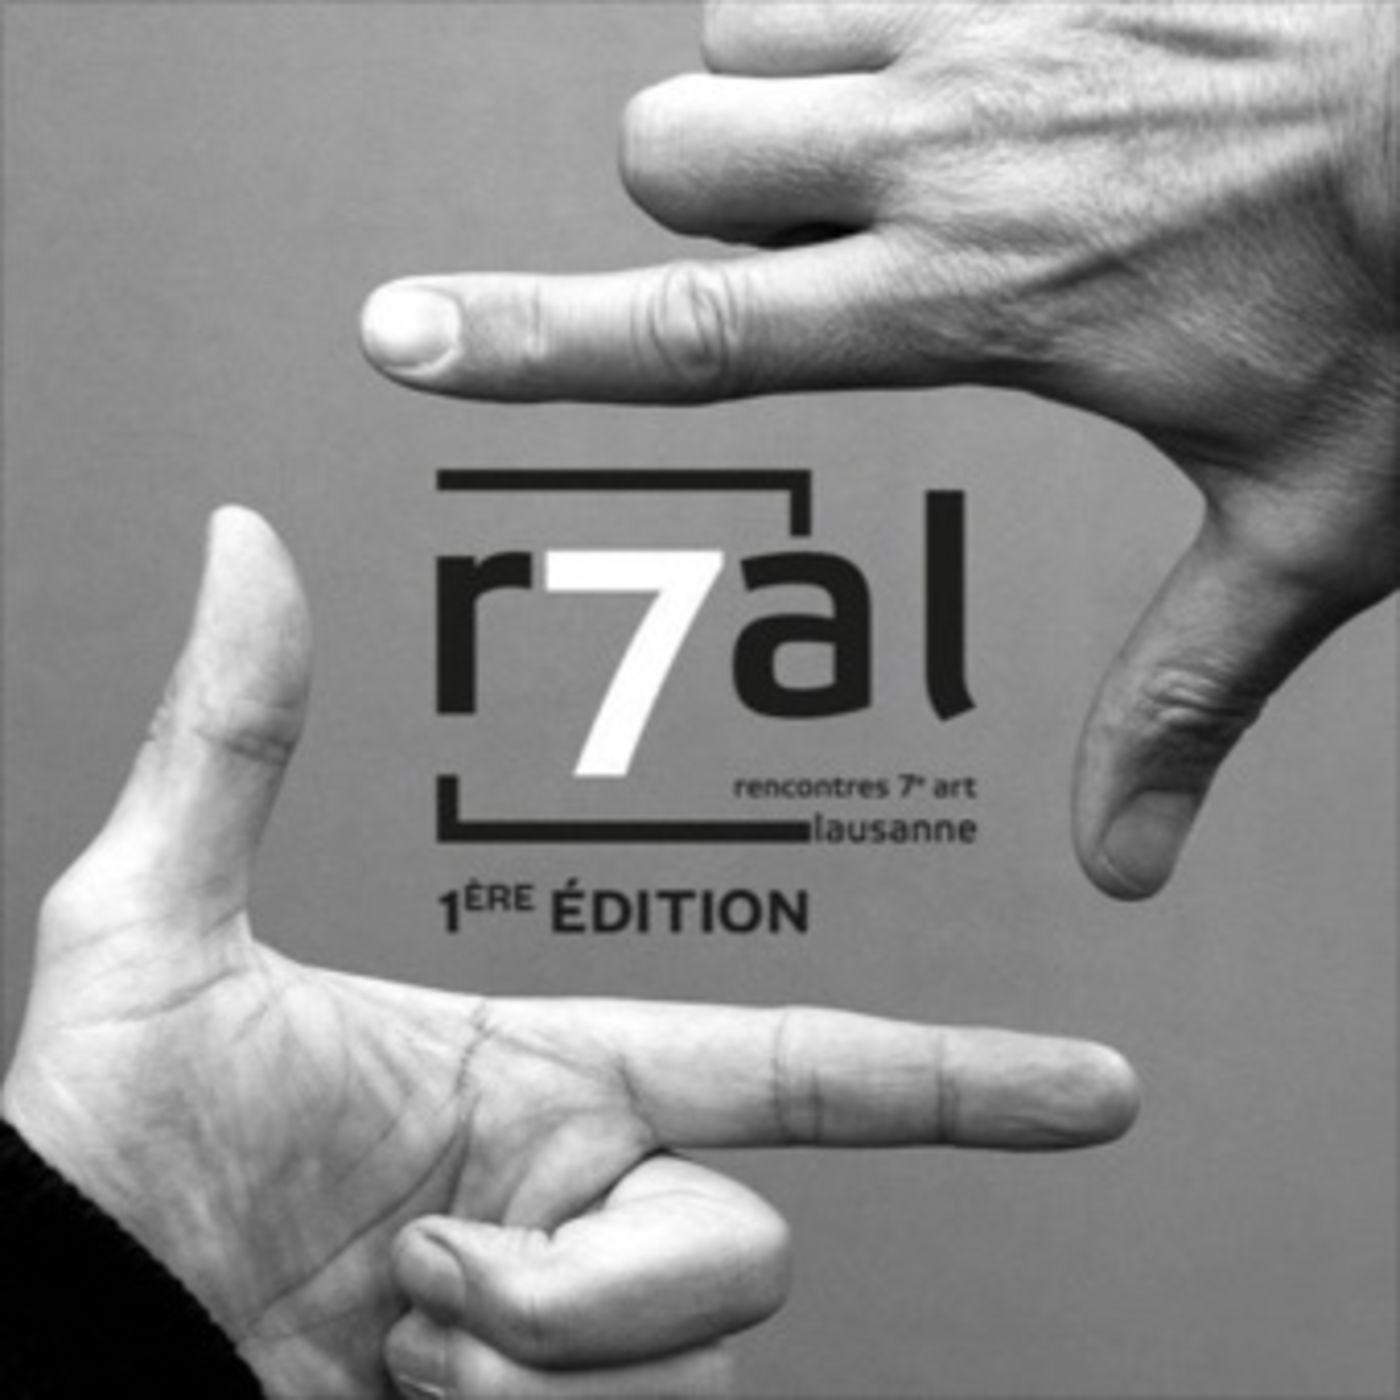 Les Rencontres 7ème Art Lausanne - Michel Hazanavicius à l'ECAL